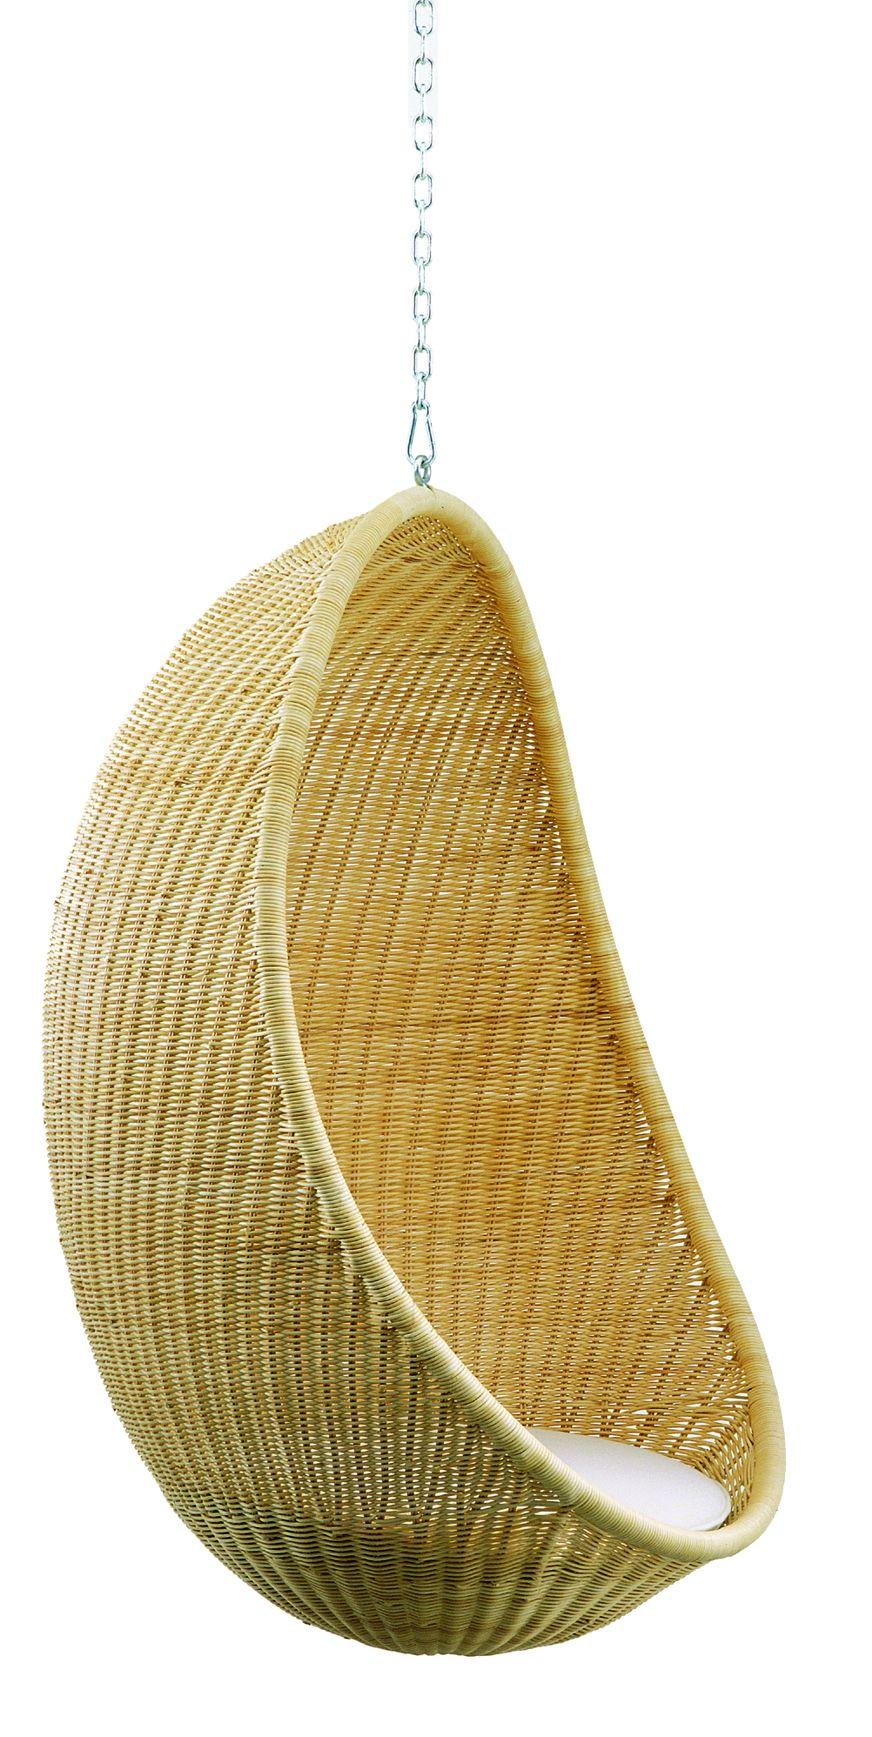 Bonacina Hanging Egg Chair, designed by Nanna and Jørgen